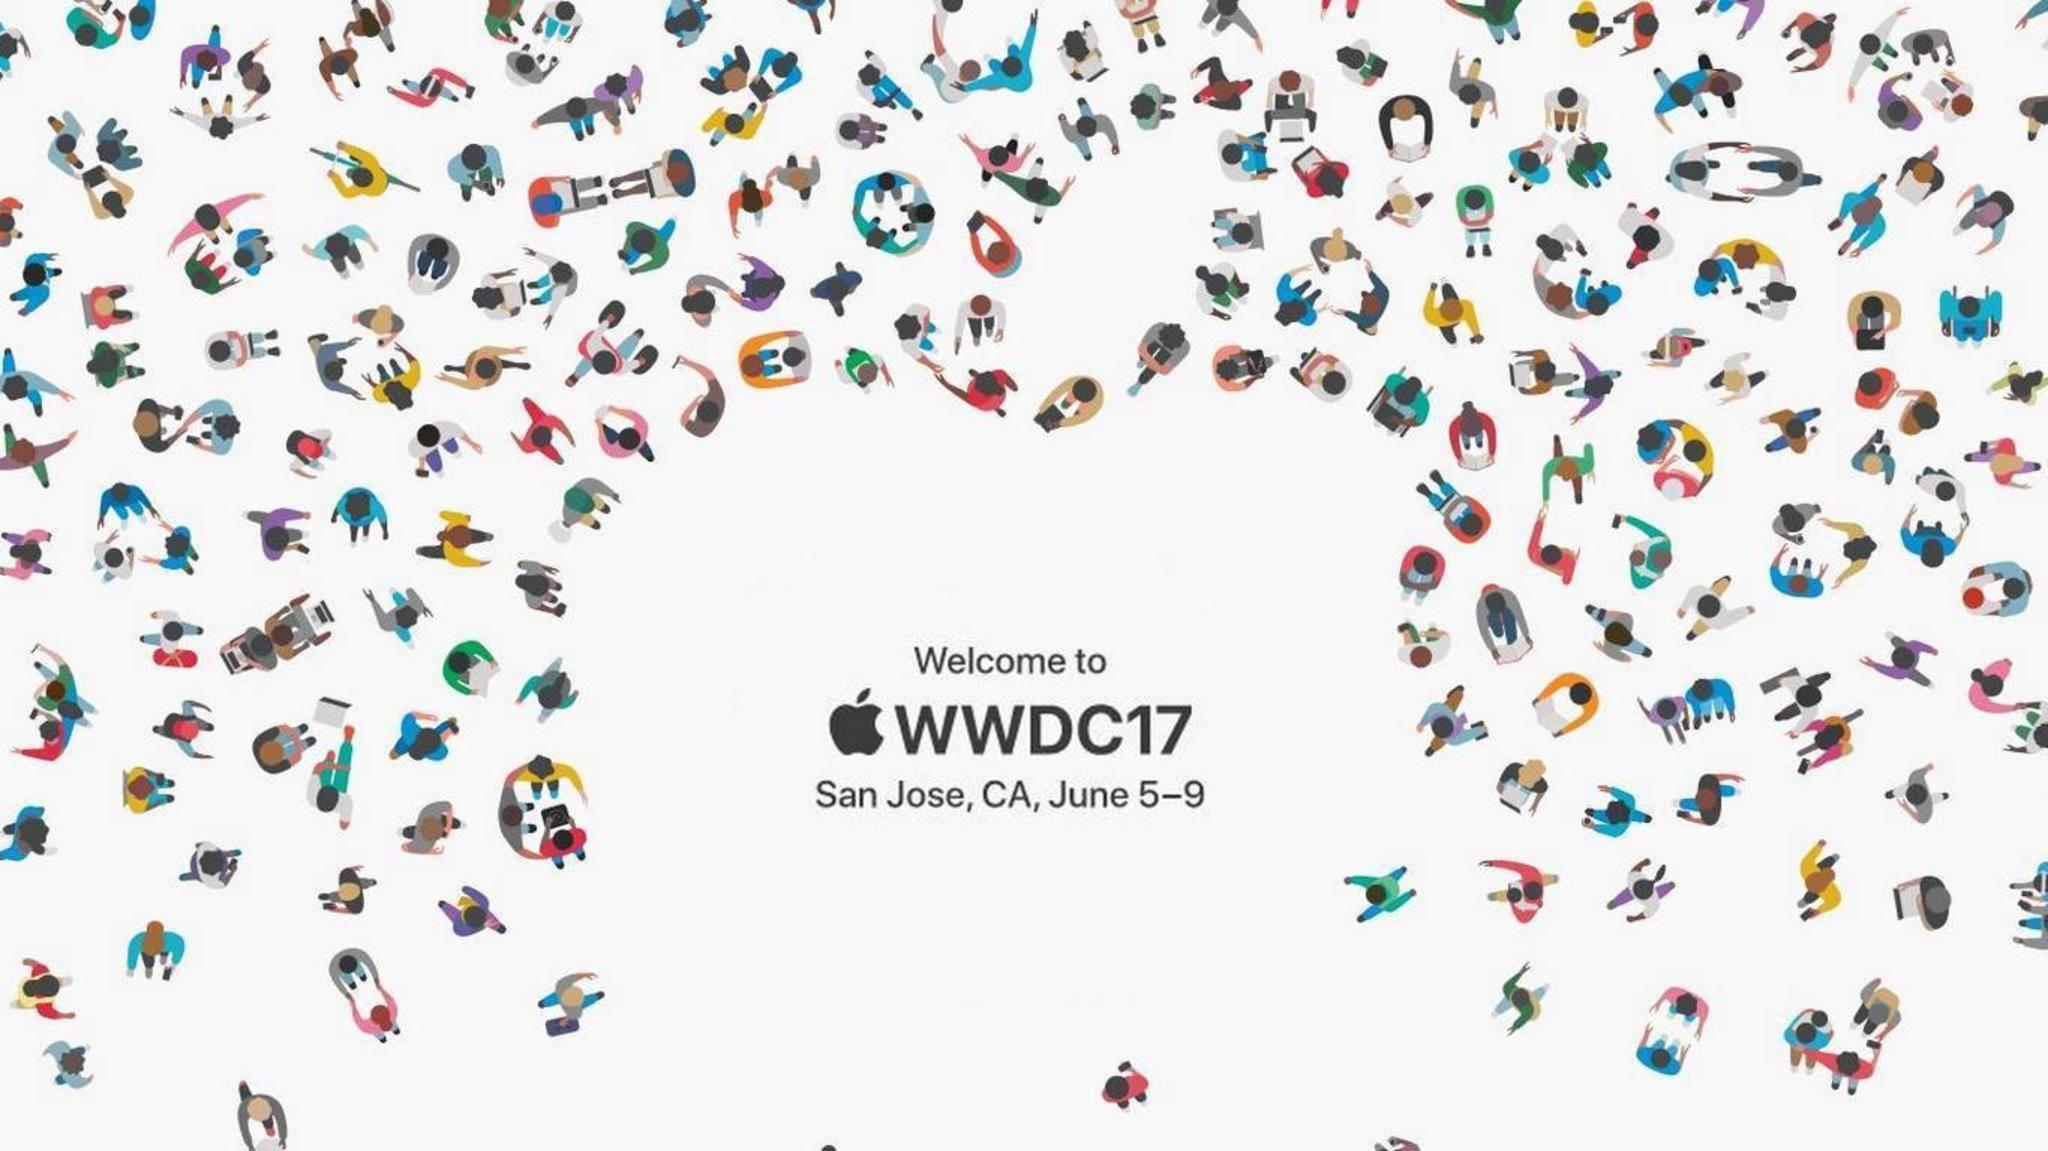 Die WWDC 2017 wird am 5. Juni starten.